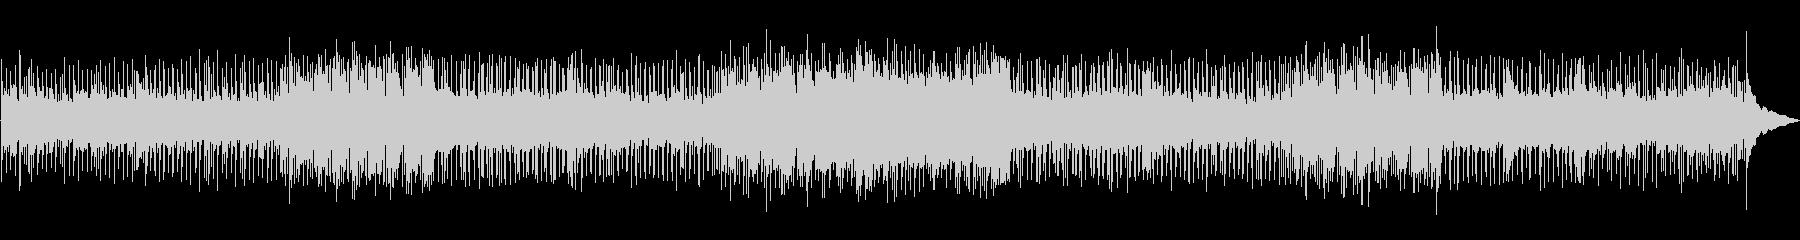 重厚でスローなロックの未再生の波形